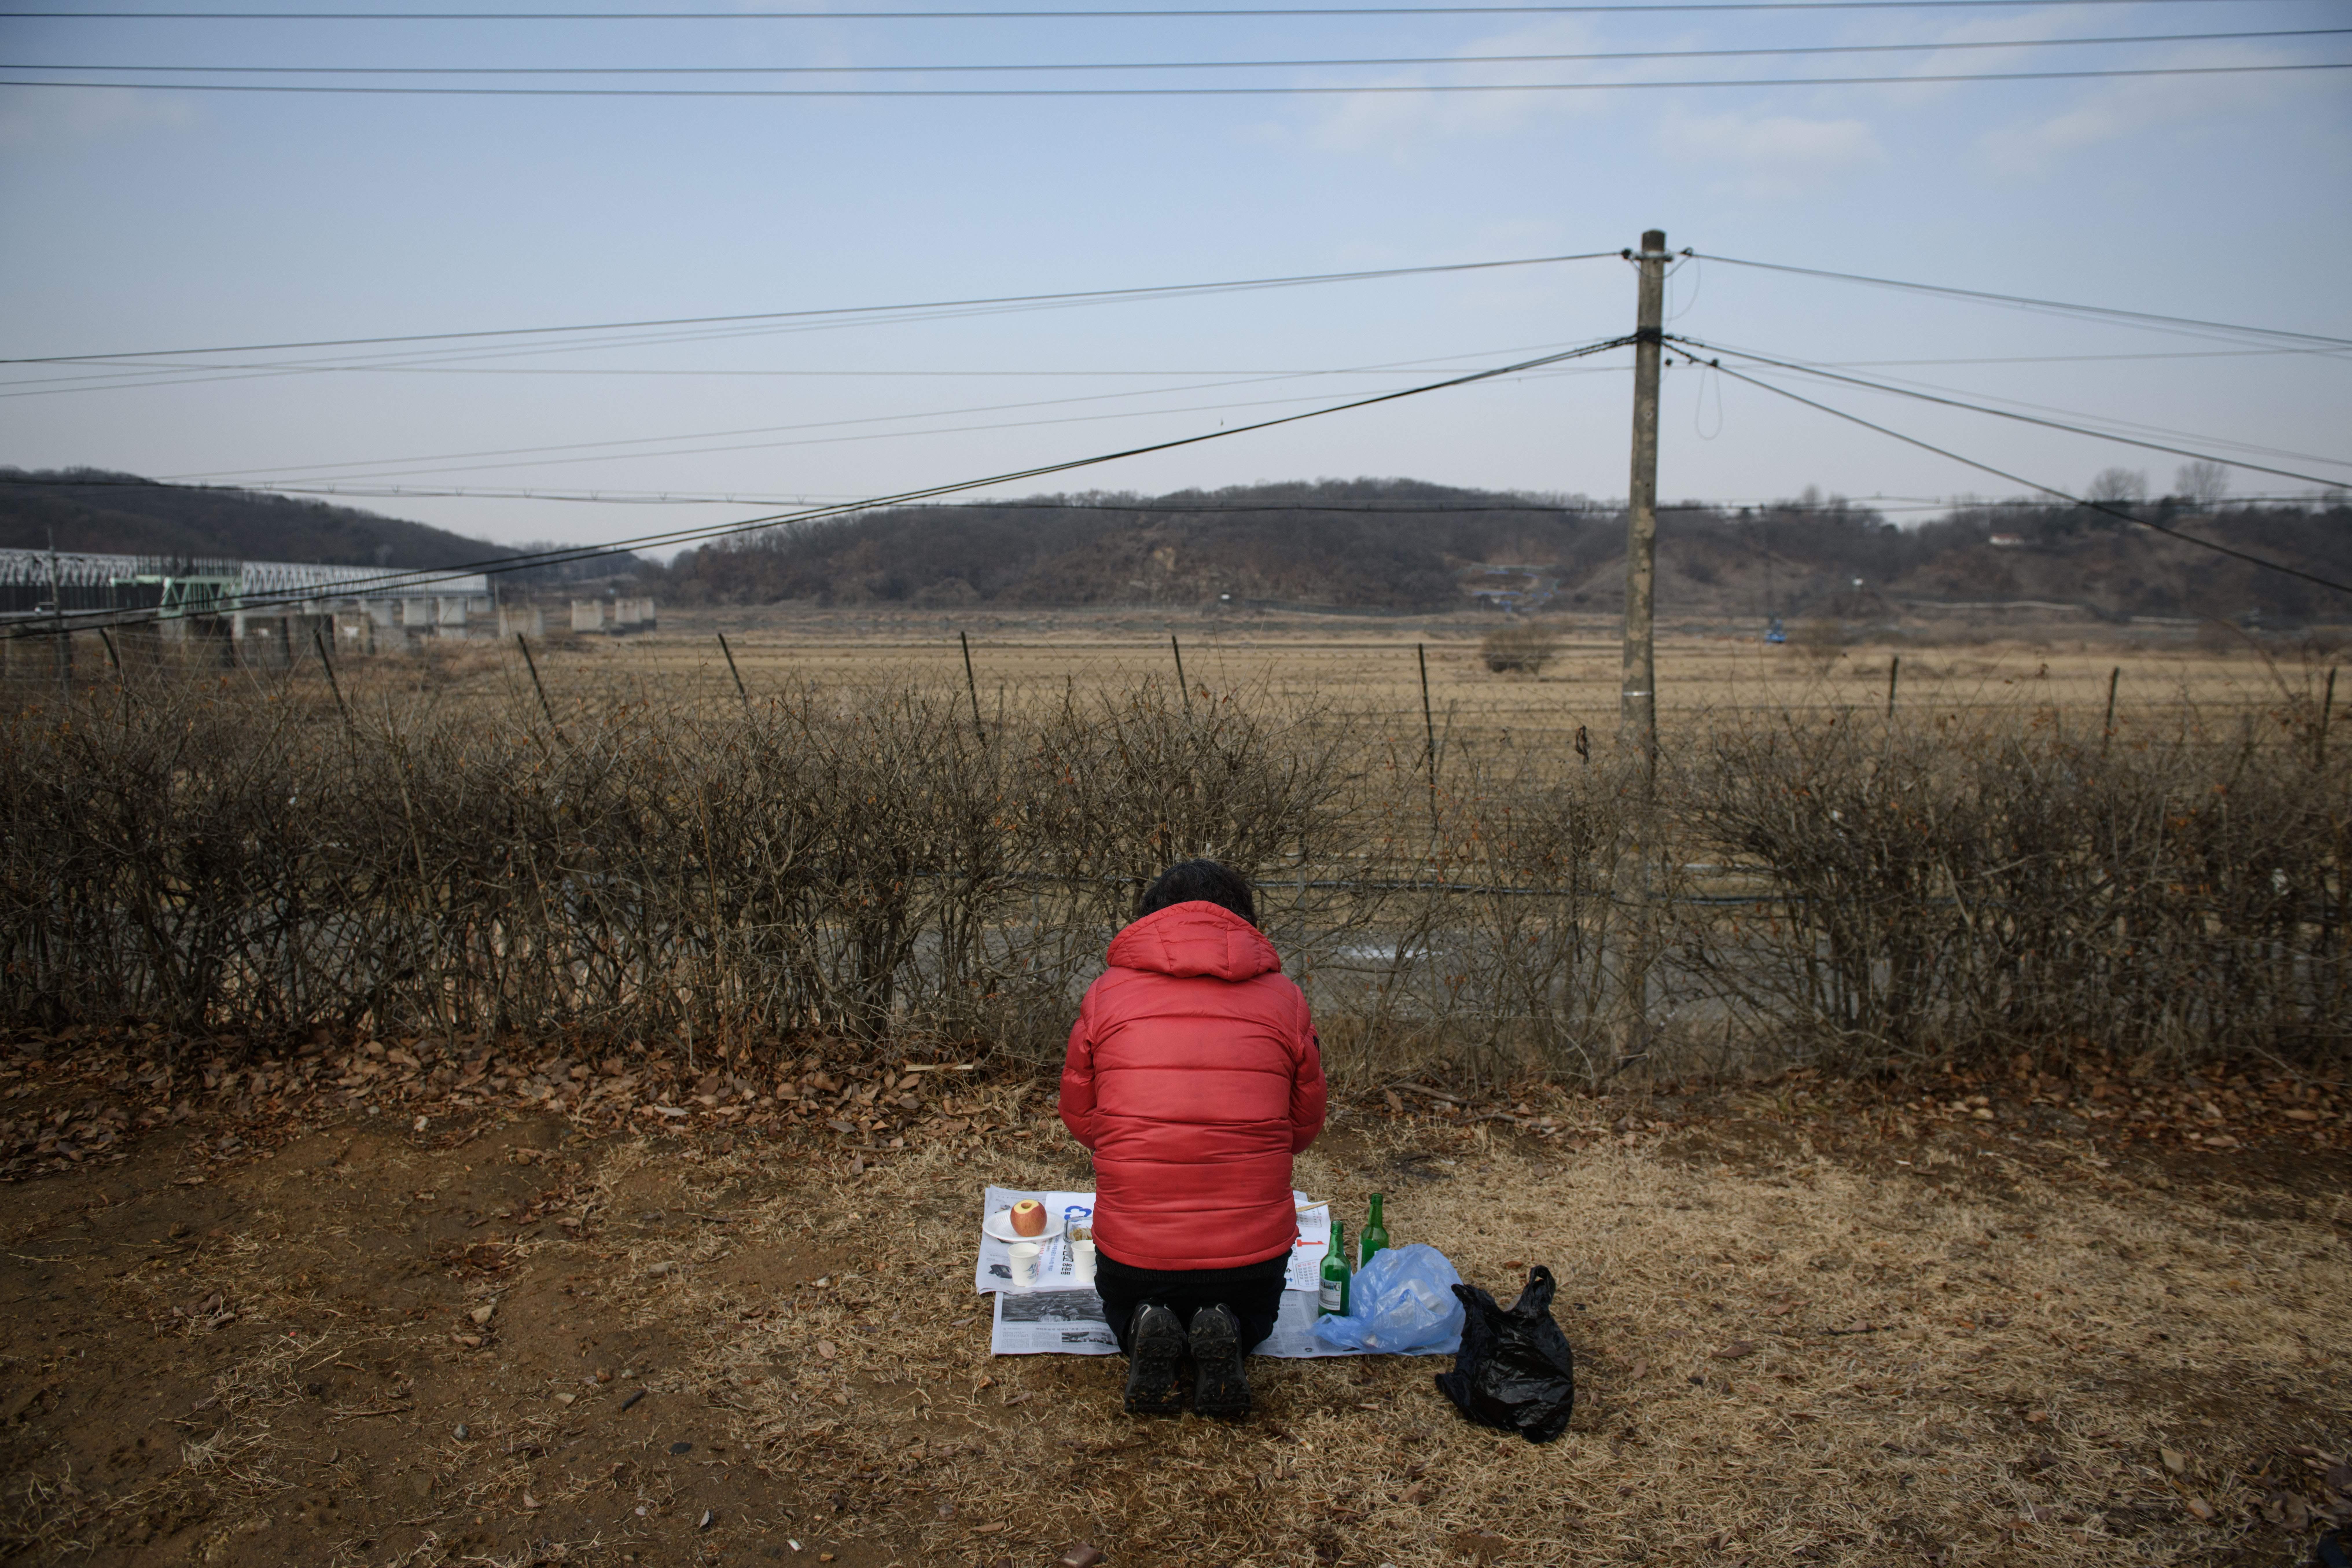 聯合國(UN)官員於周三(3月6日)表示,2018年北韓的糧食產量降至十多年來的最低水平。圖中是2019年2月5日,一位北韓女子在北韓新年期間祭祀祖先。(ED JONES/AFP/Getty Images)